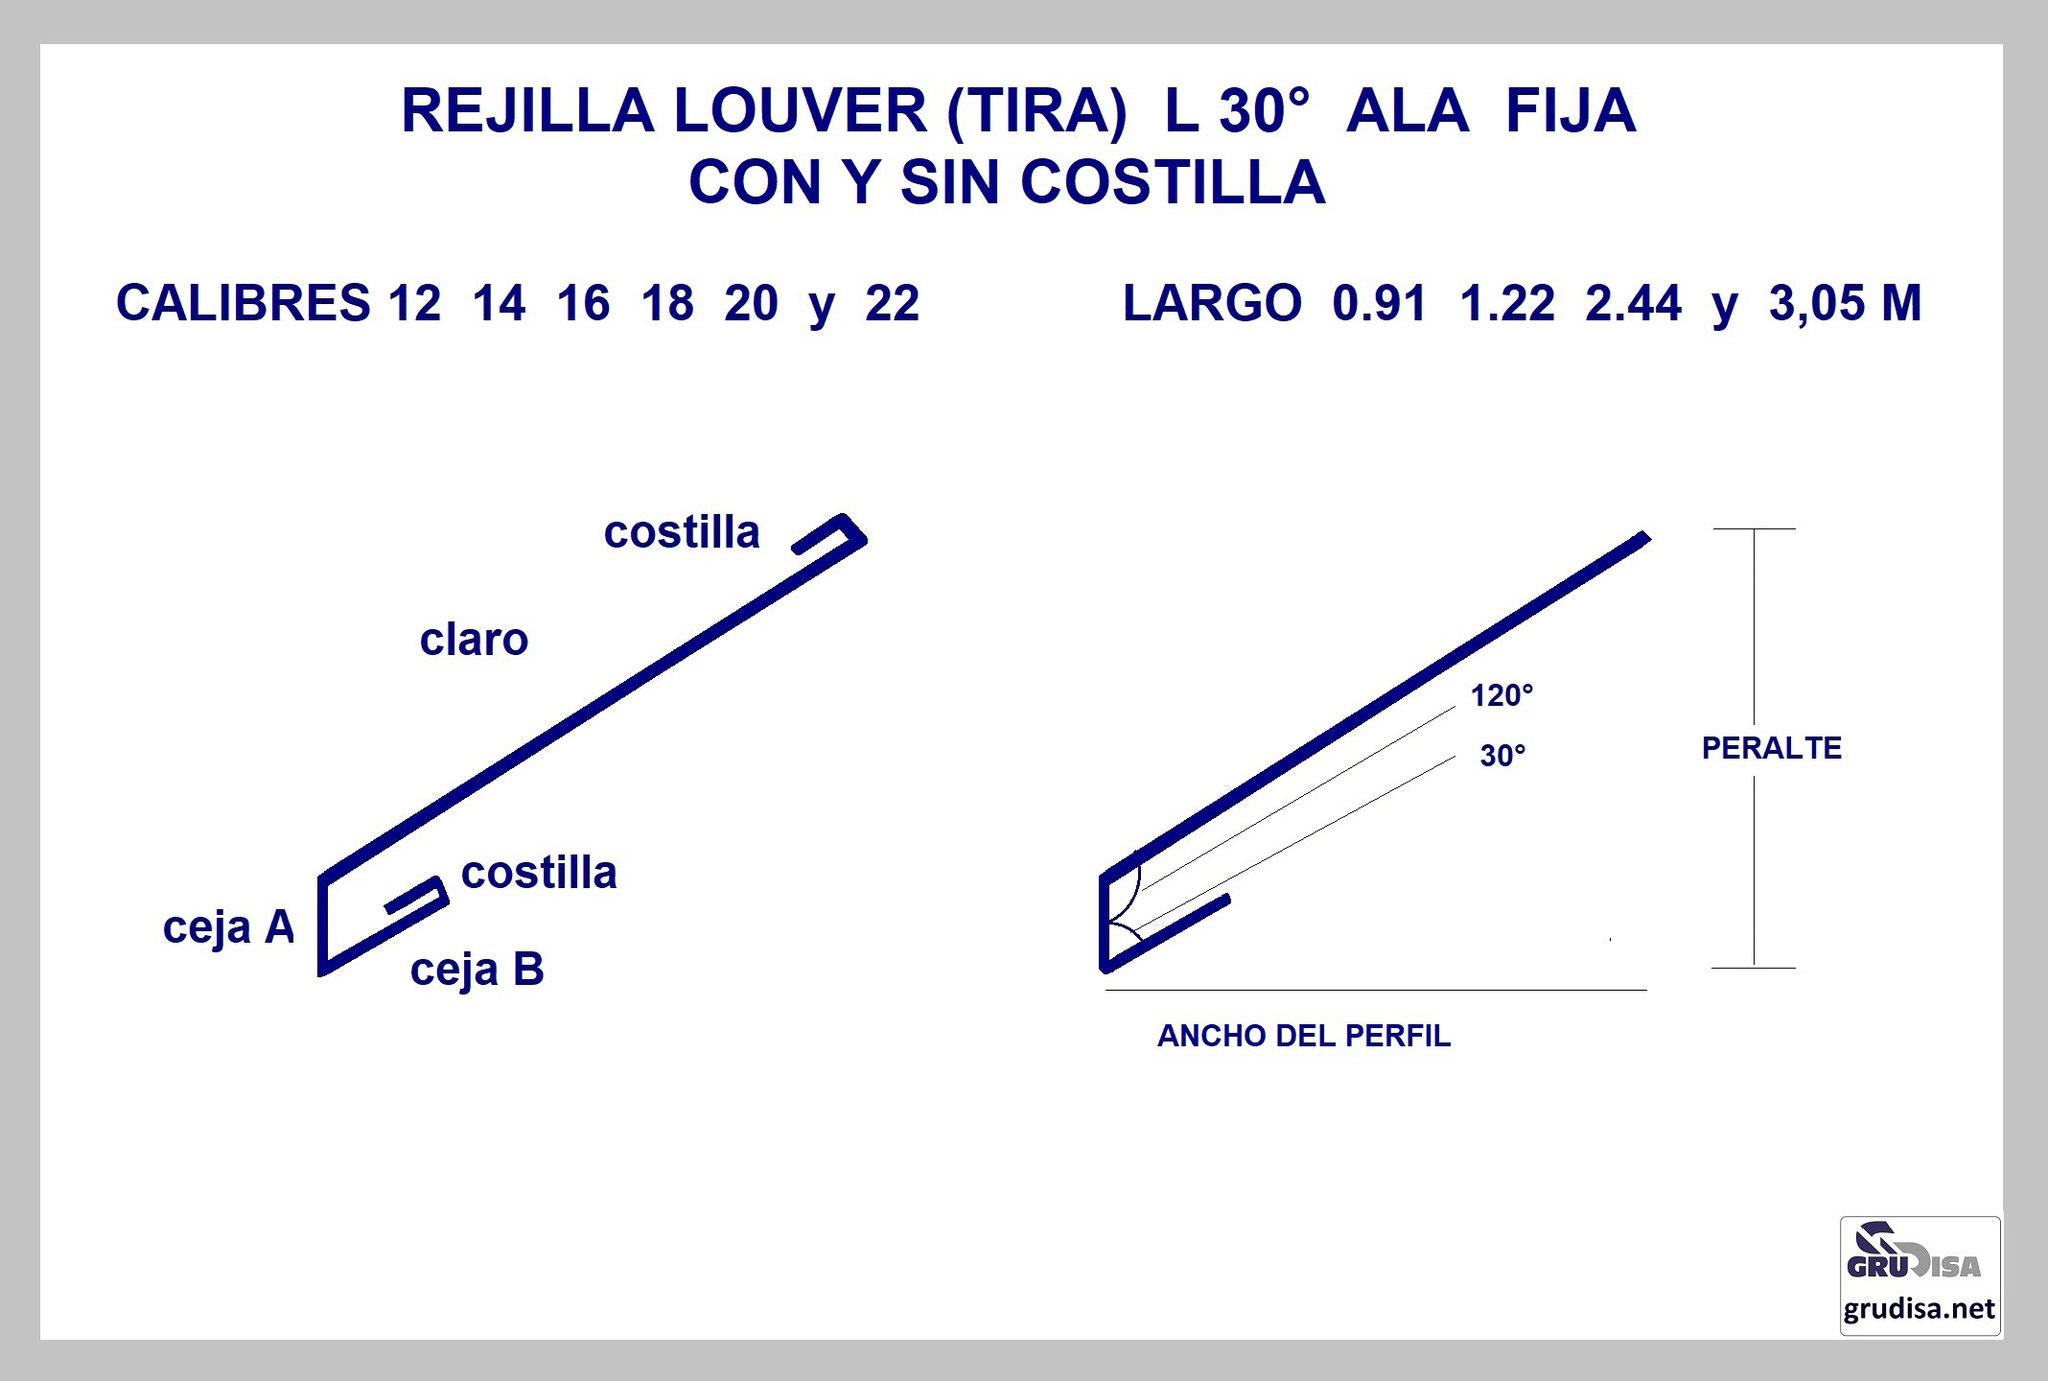 REJILLA LOUVER (TIRA) L a 30°